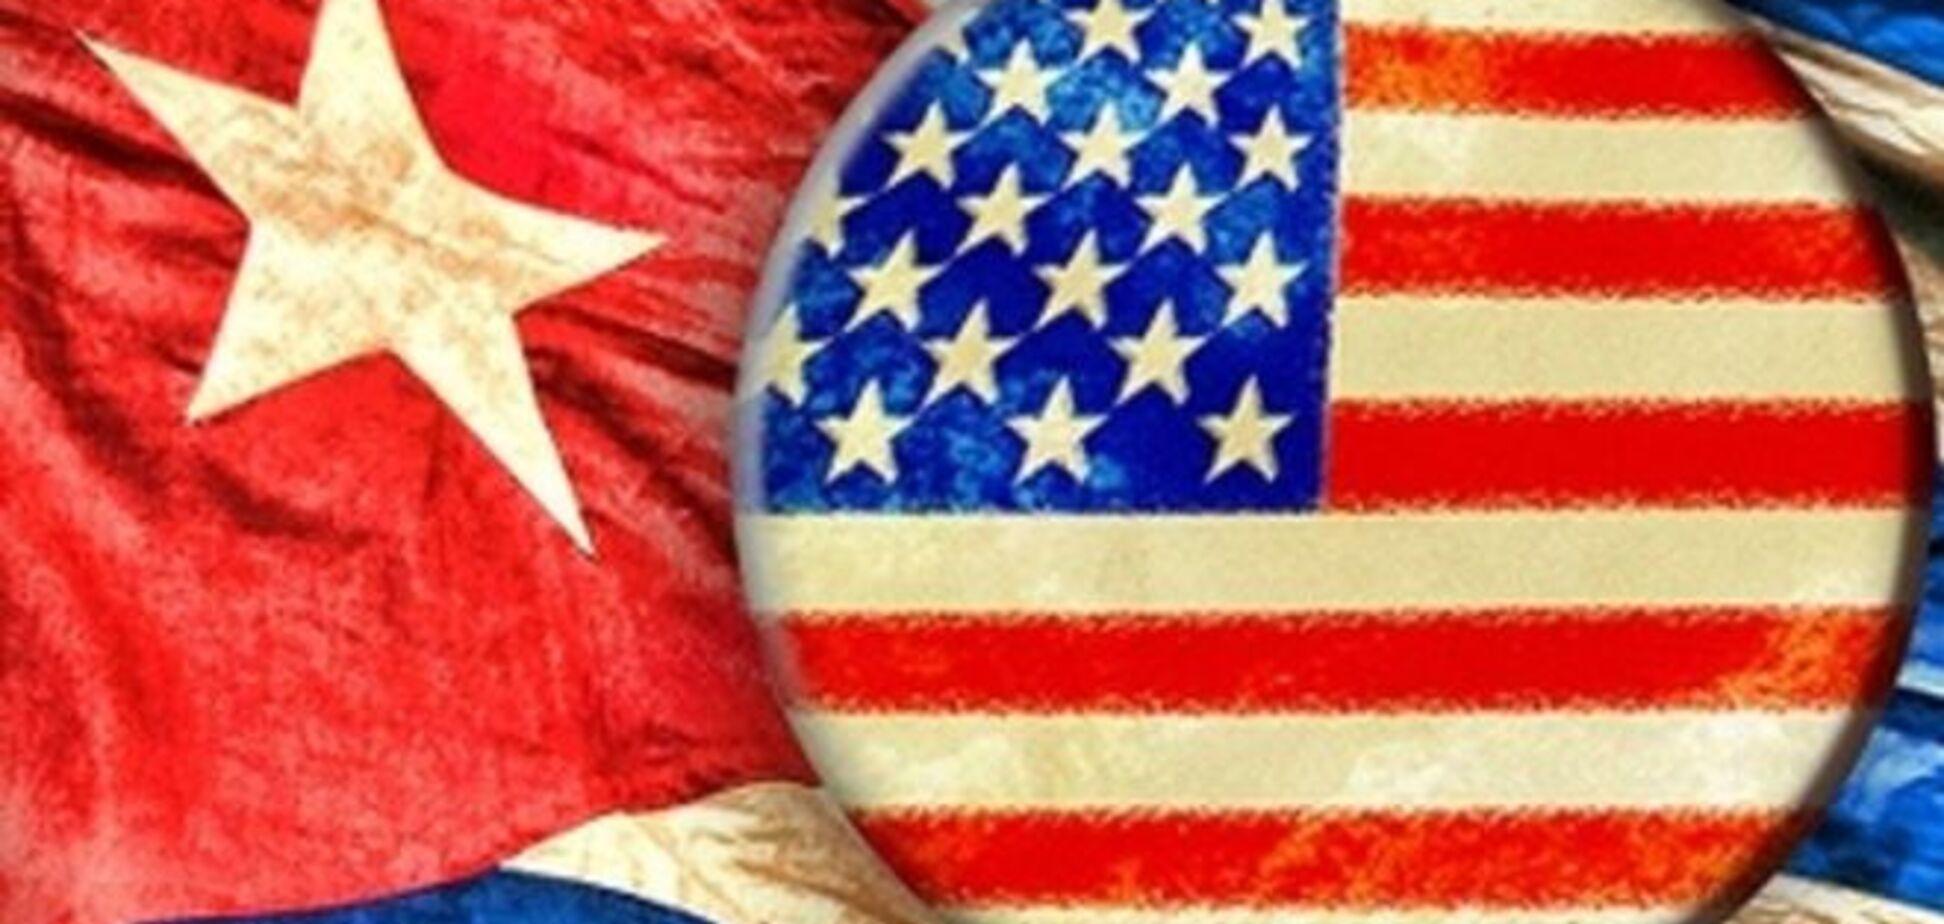 Півстоліття потому: США і Куба офіційно відновили дипвзаємини